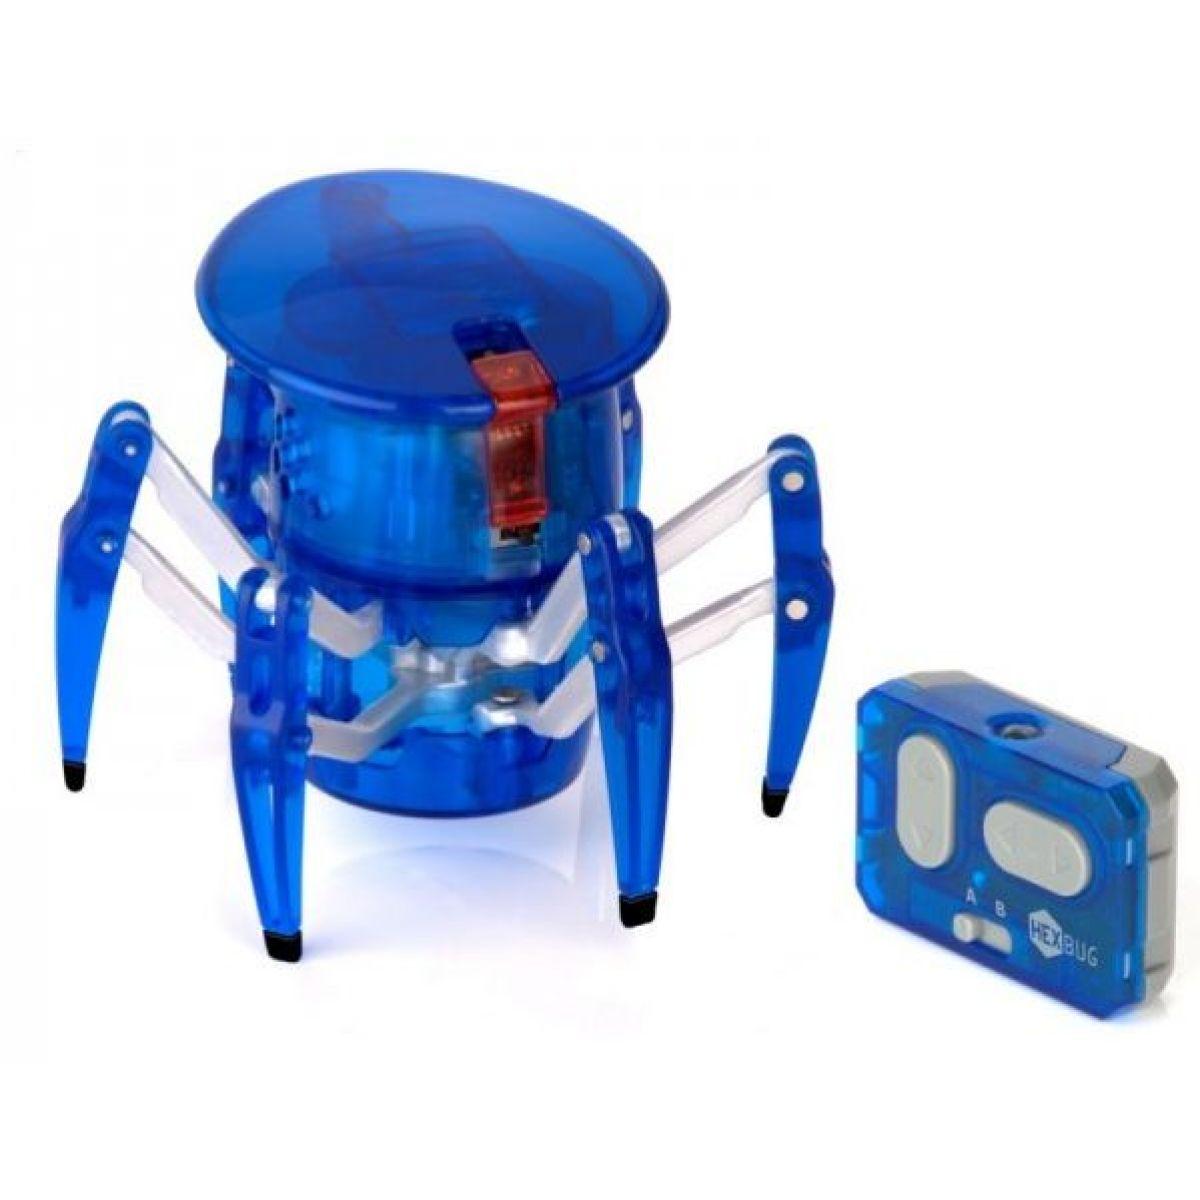 Hexbug Pavouk Modrá tmavá